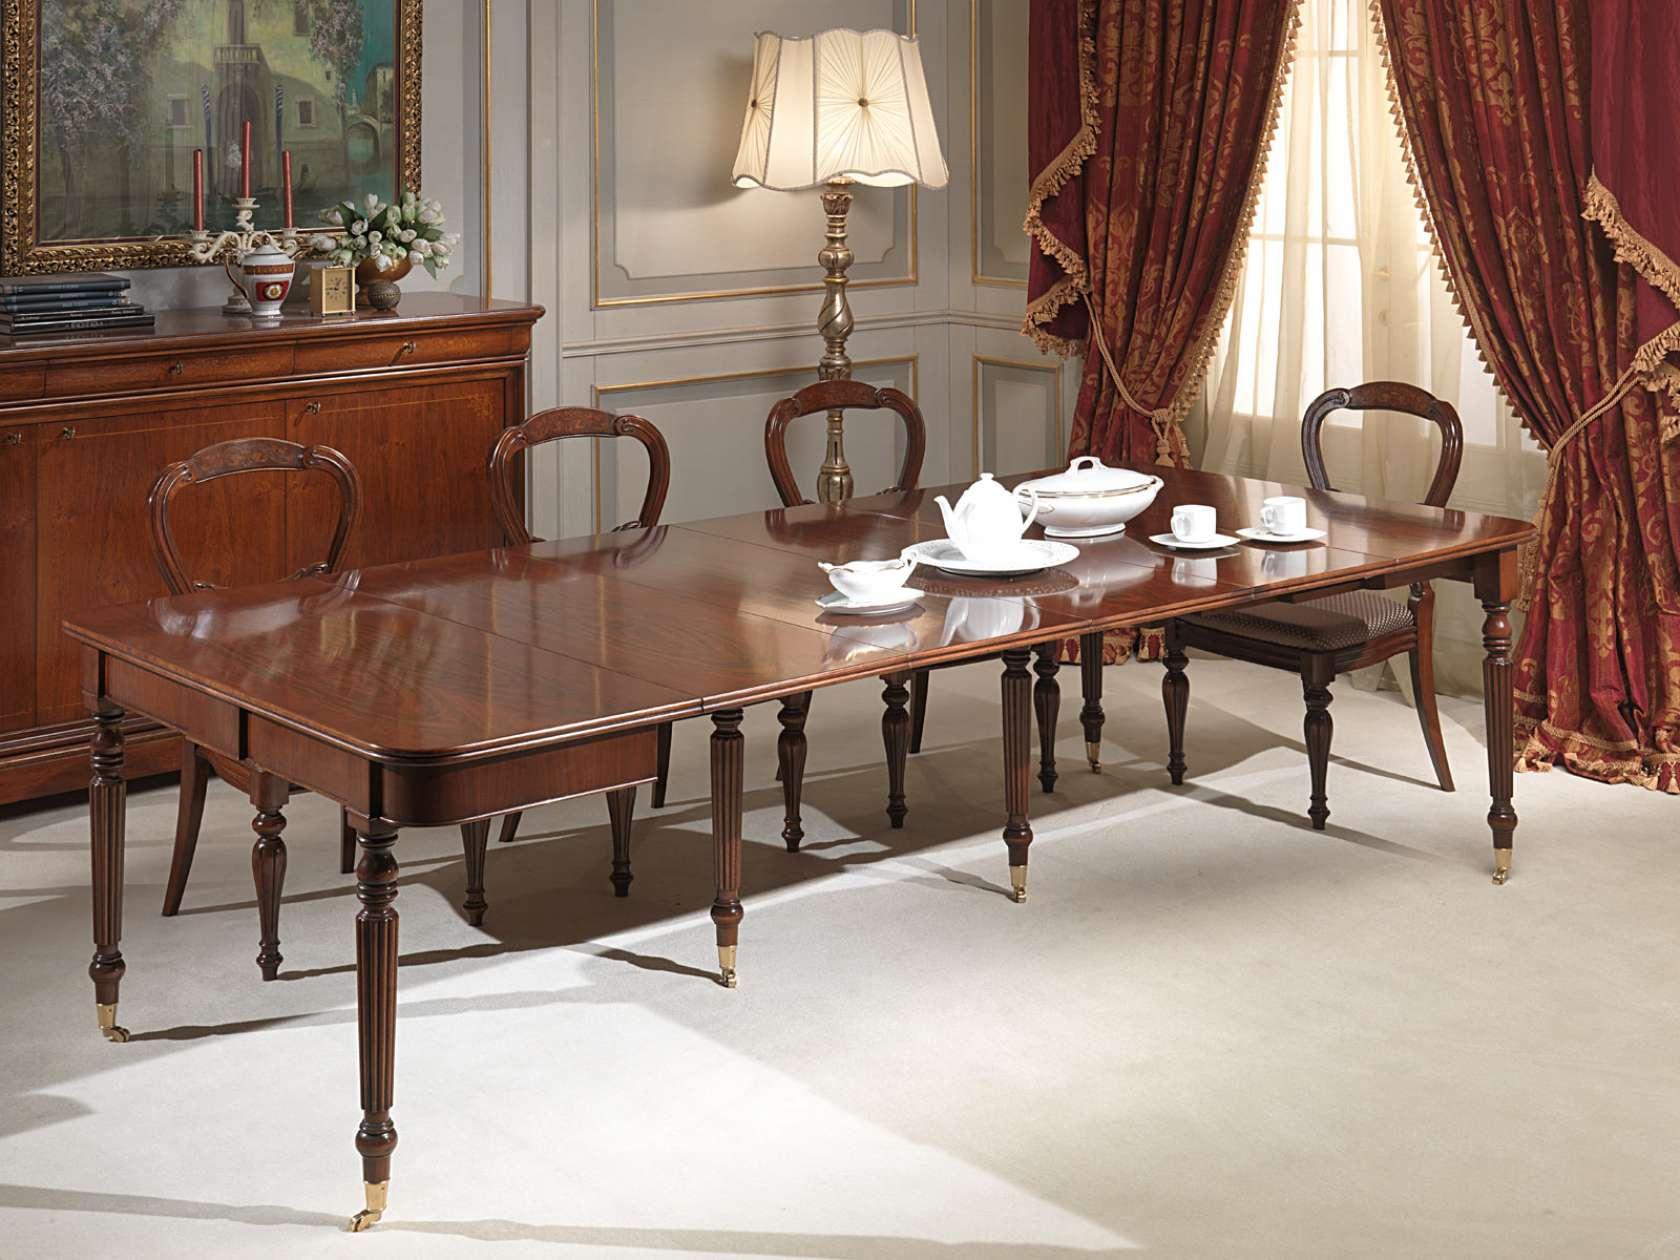 Tavolo consolle classico allungabile completamente allungato vimercati meda - Tavolo allungabile classico ...